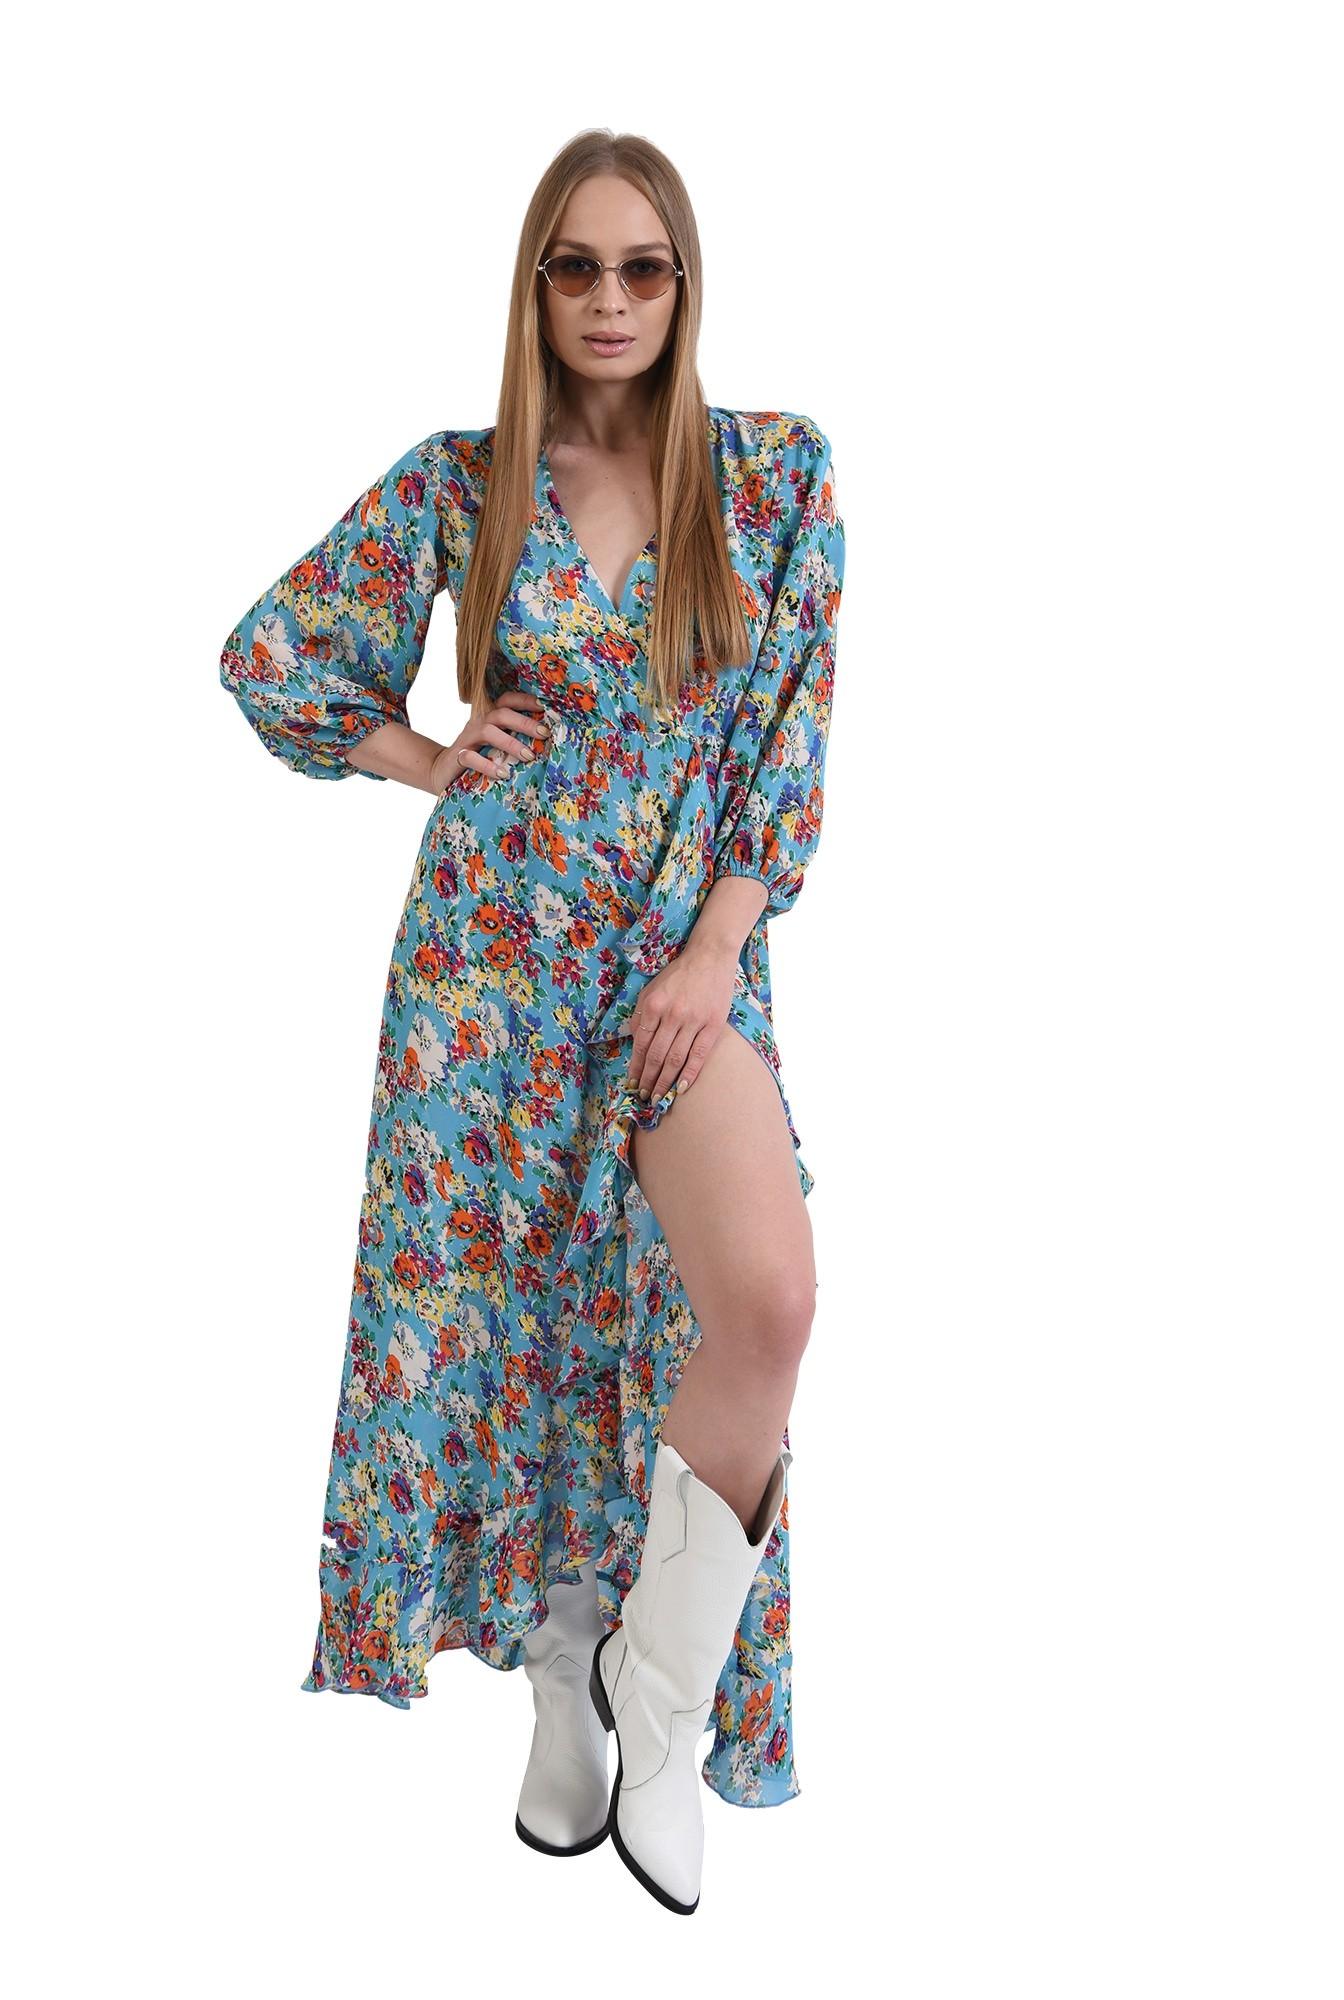 3 - rochie cu motive florale, cu maneca voluminoasa